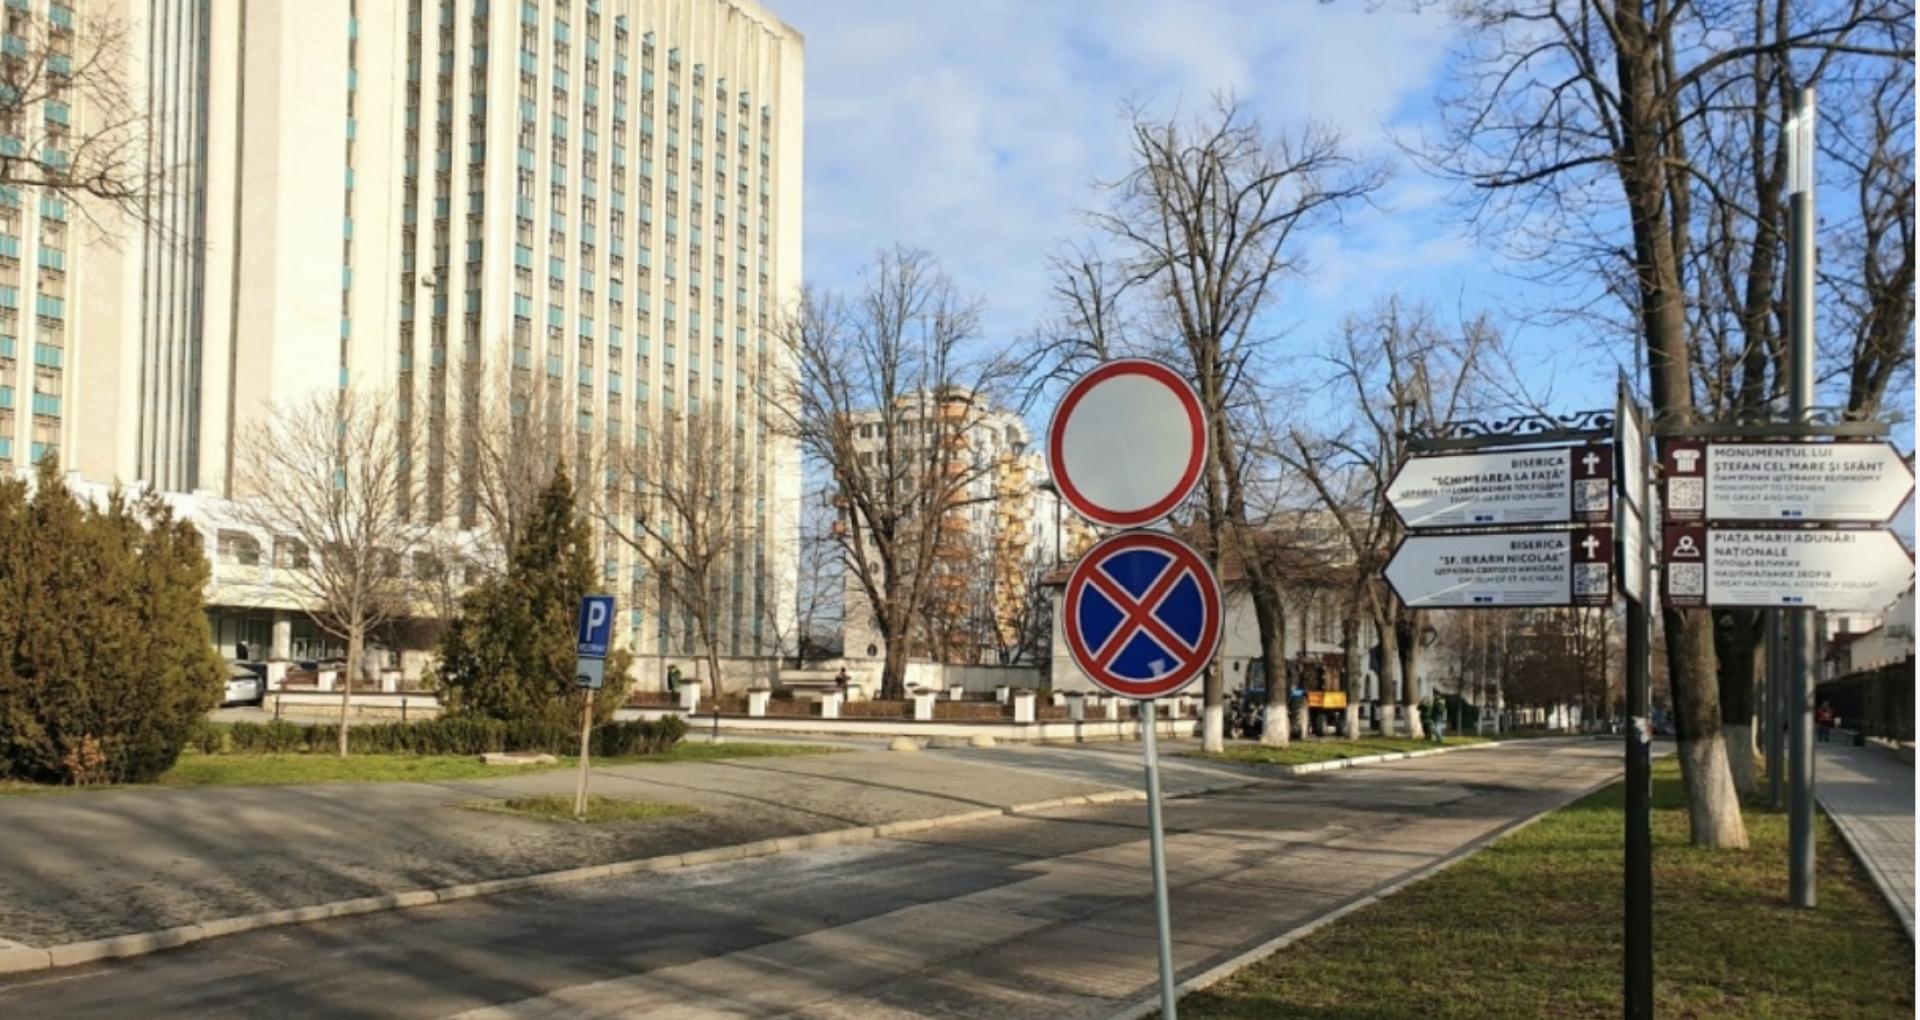 DOC/ Circulația de pe strada Sfatul Țării din mun. Chișinău a fost redeschisă. Secretar general al Președenției: Drumurile nu sunt bunul unor oameni, ci aparțin tuturor cetățenilor